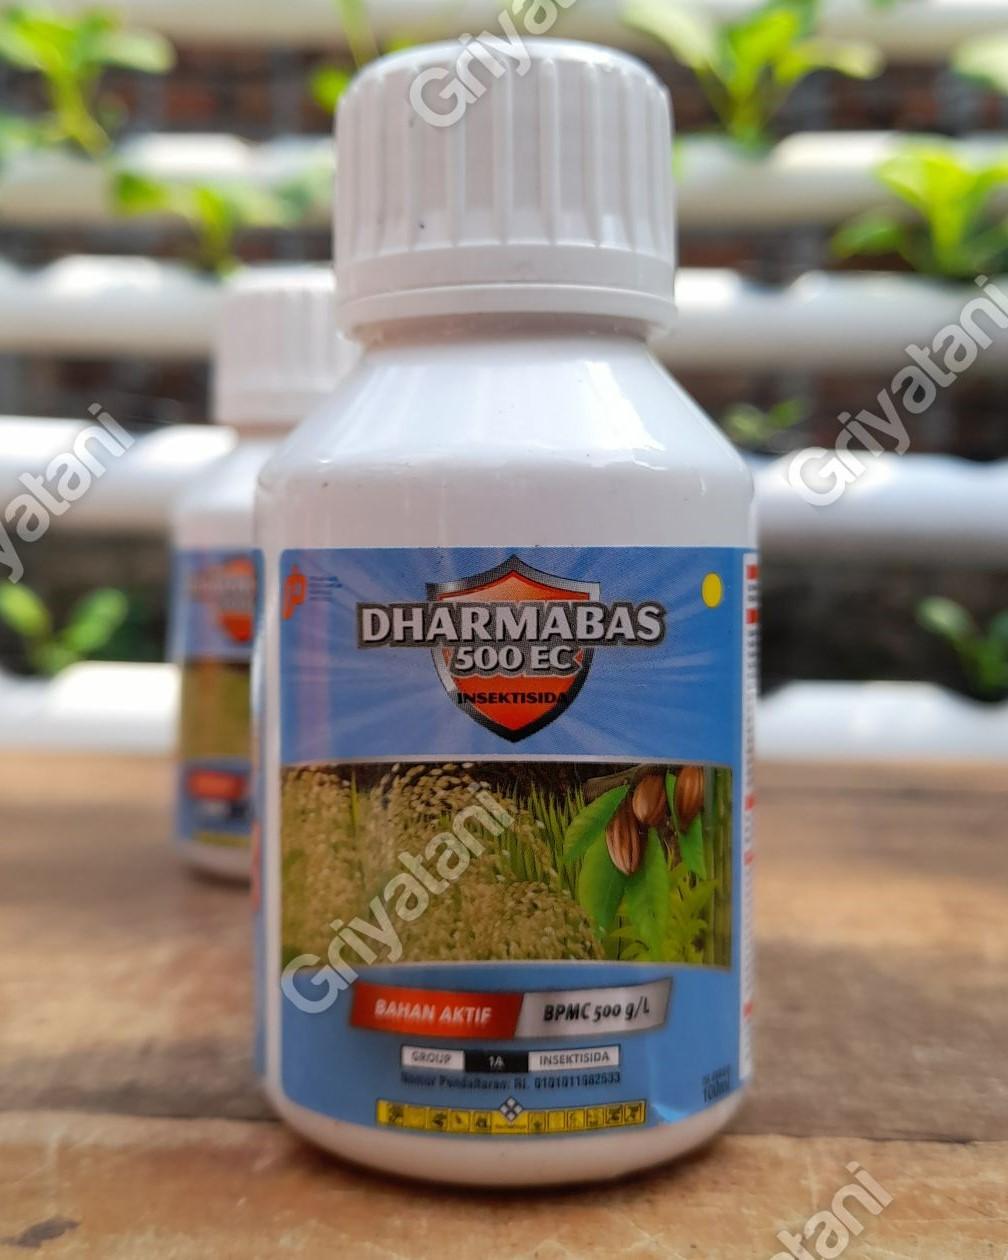 Dharmabas